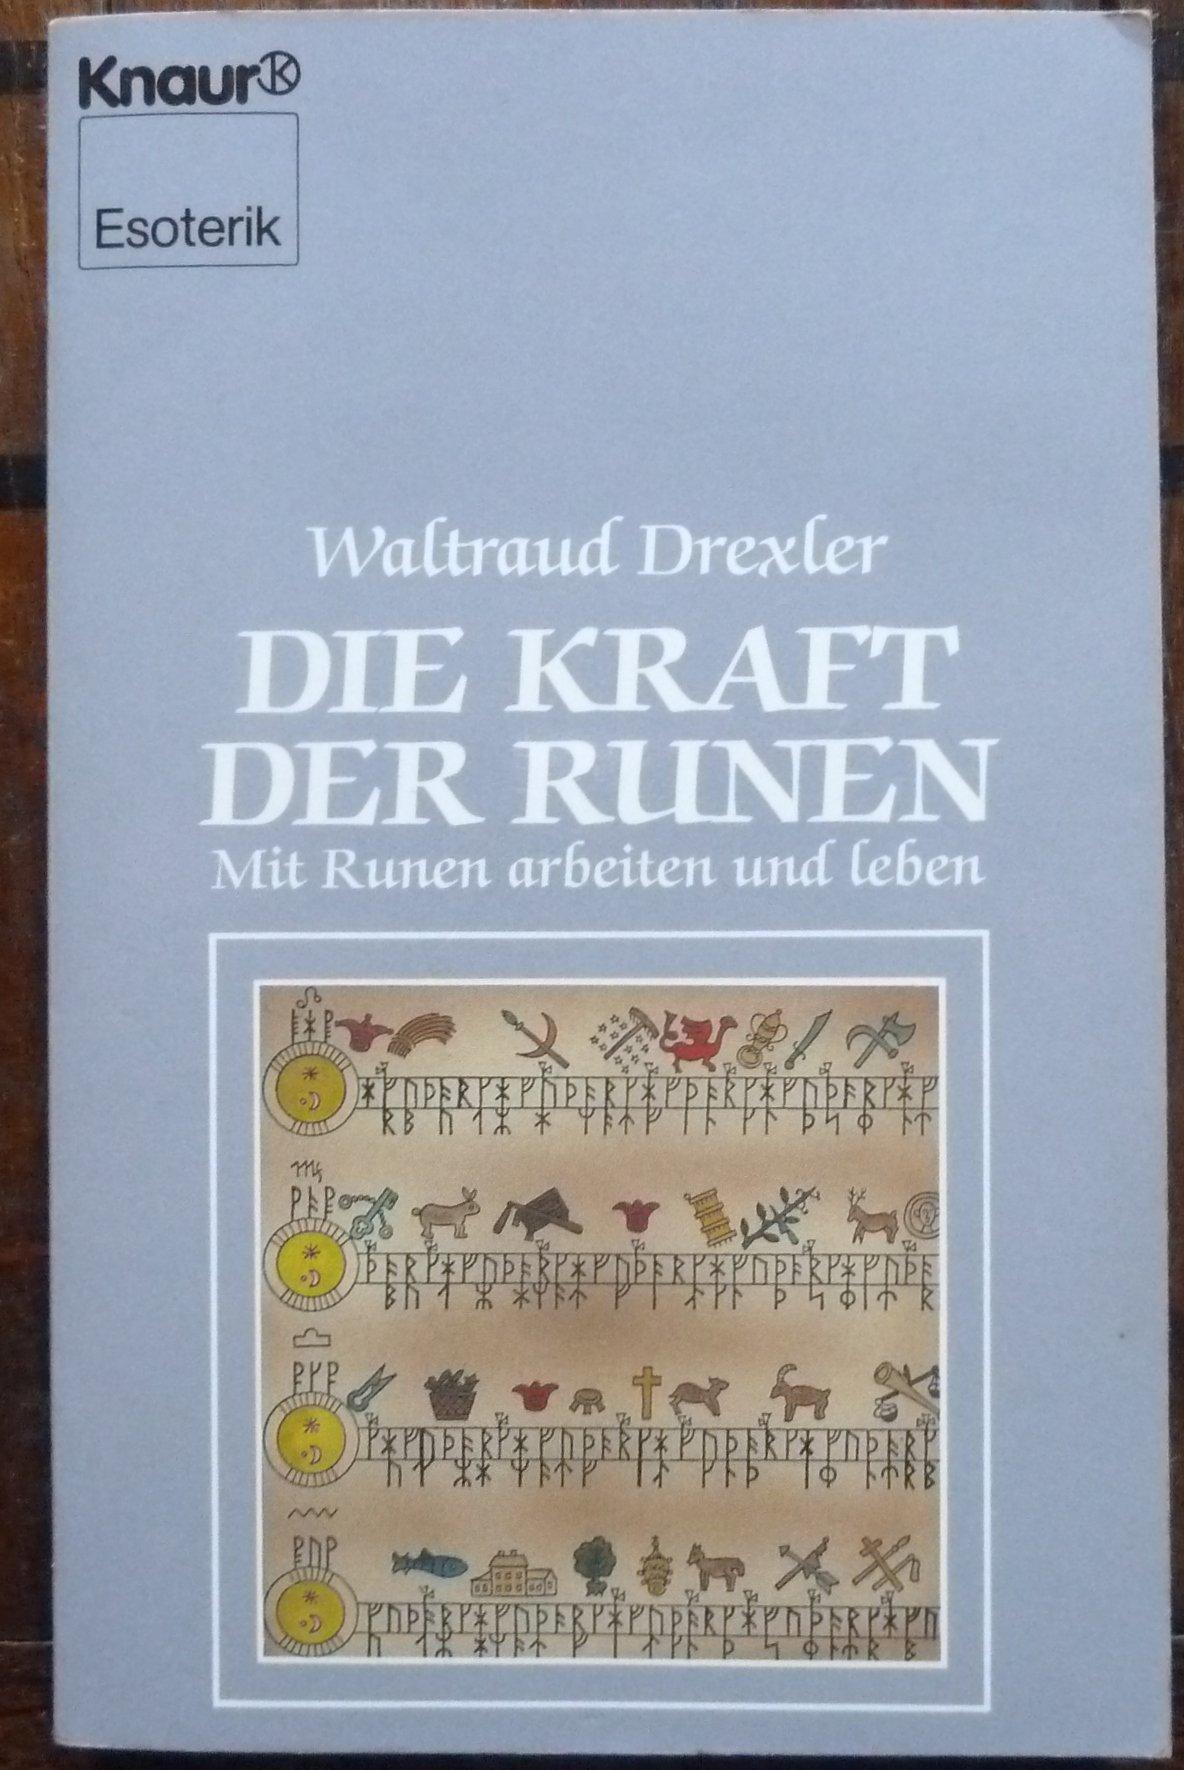 Die Kraft der Runen: Mit Runen arbeiten und leben (Knaur Taschenbücher. Esoterik)